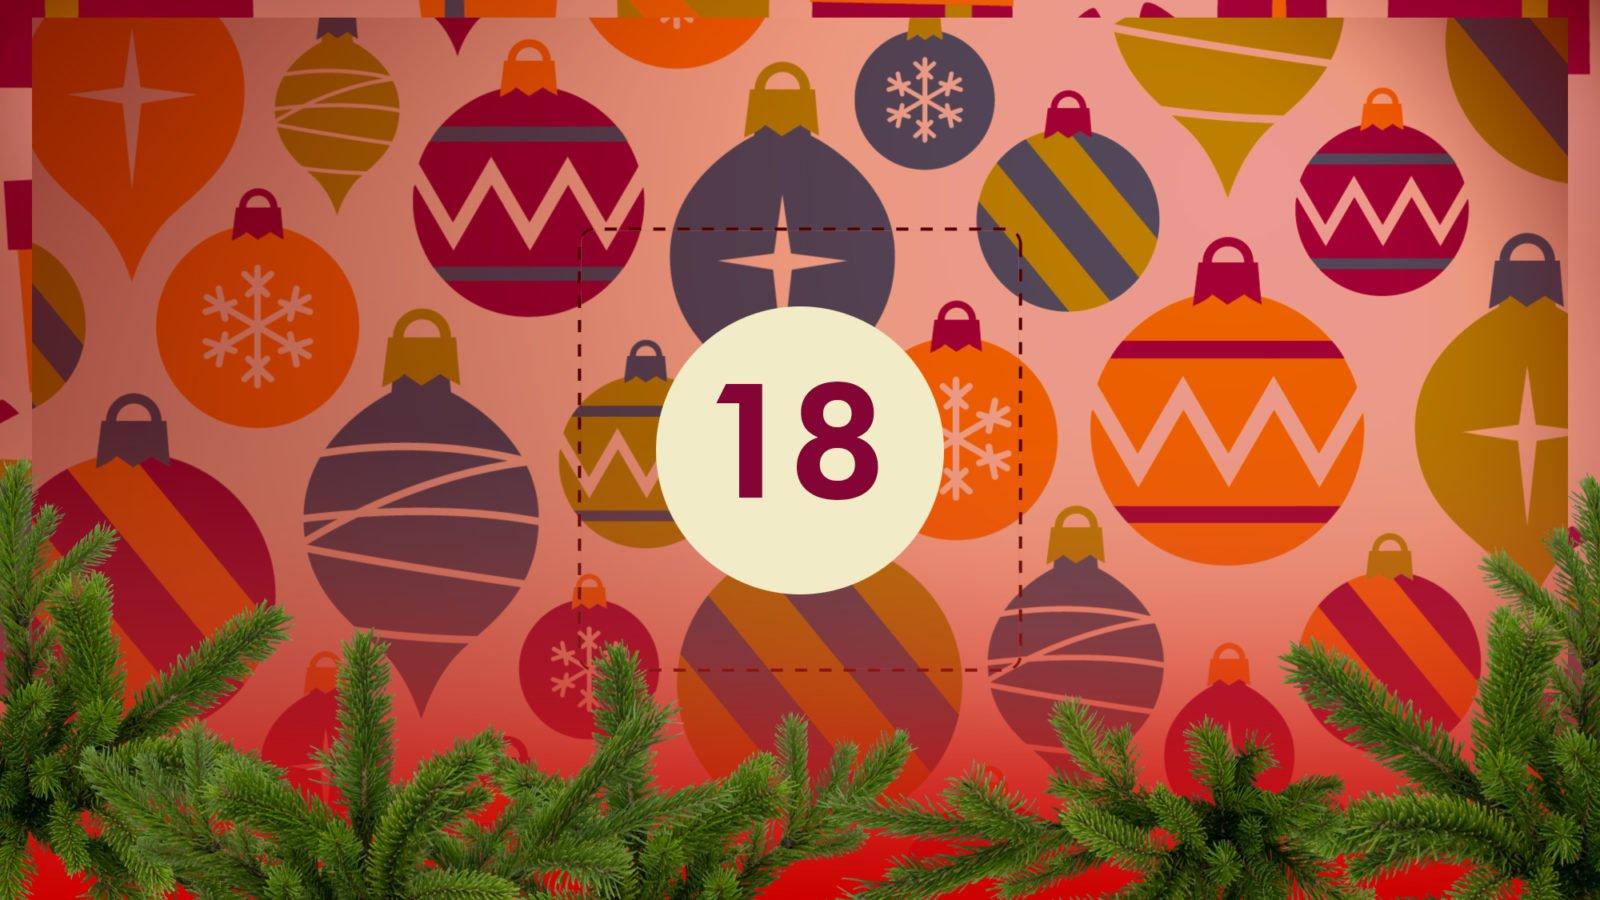 Grafik: Bunter Weihnachtsschmuck, in der Bildmitte die Zahl 18